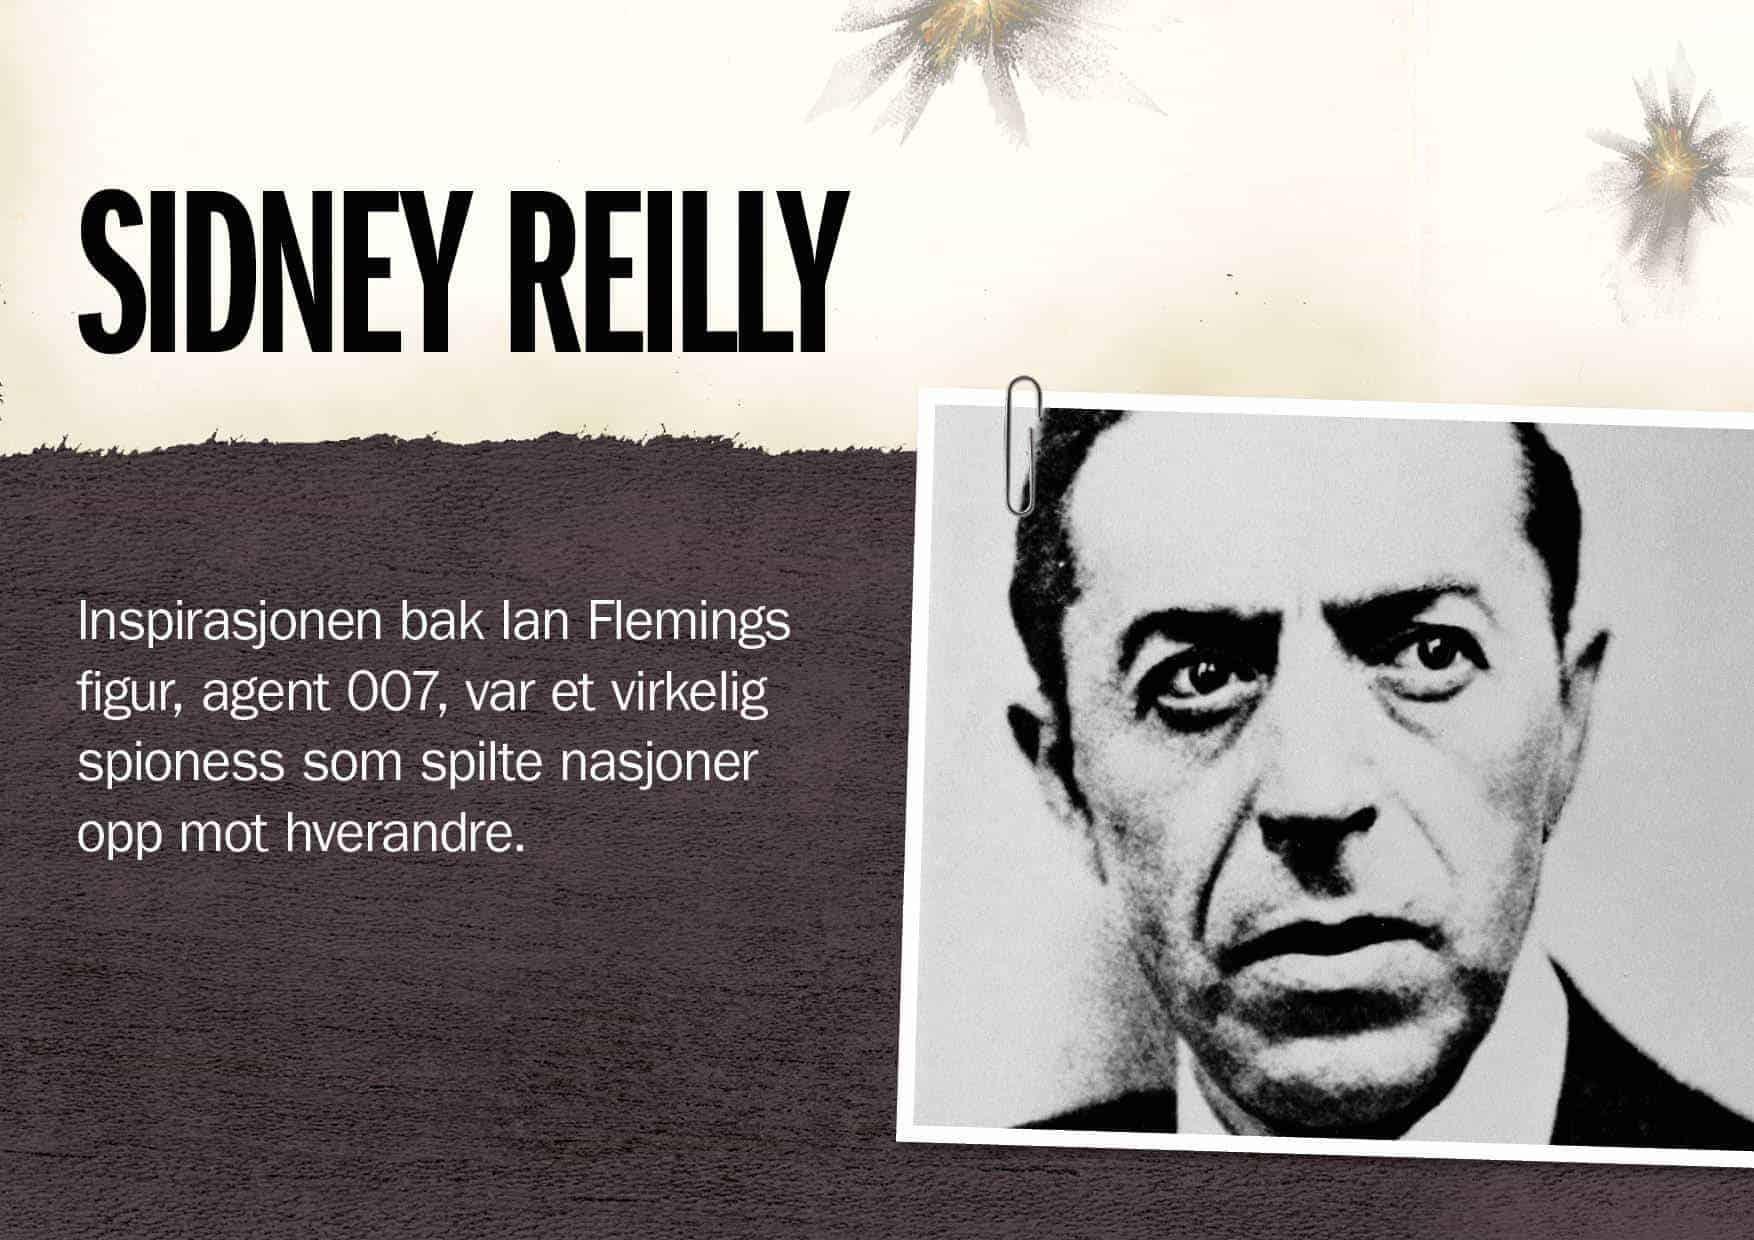 Superspioner: Sidney Reilly